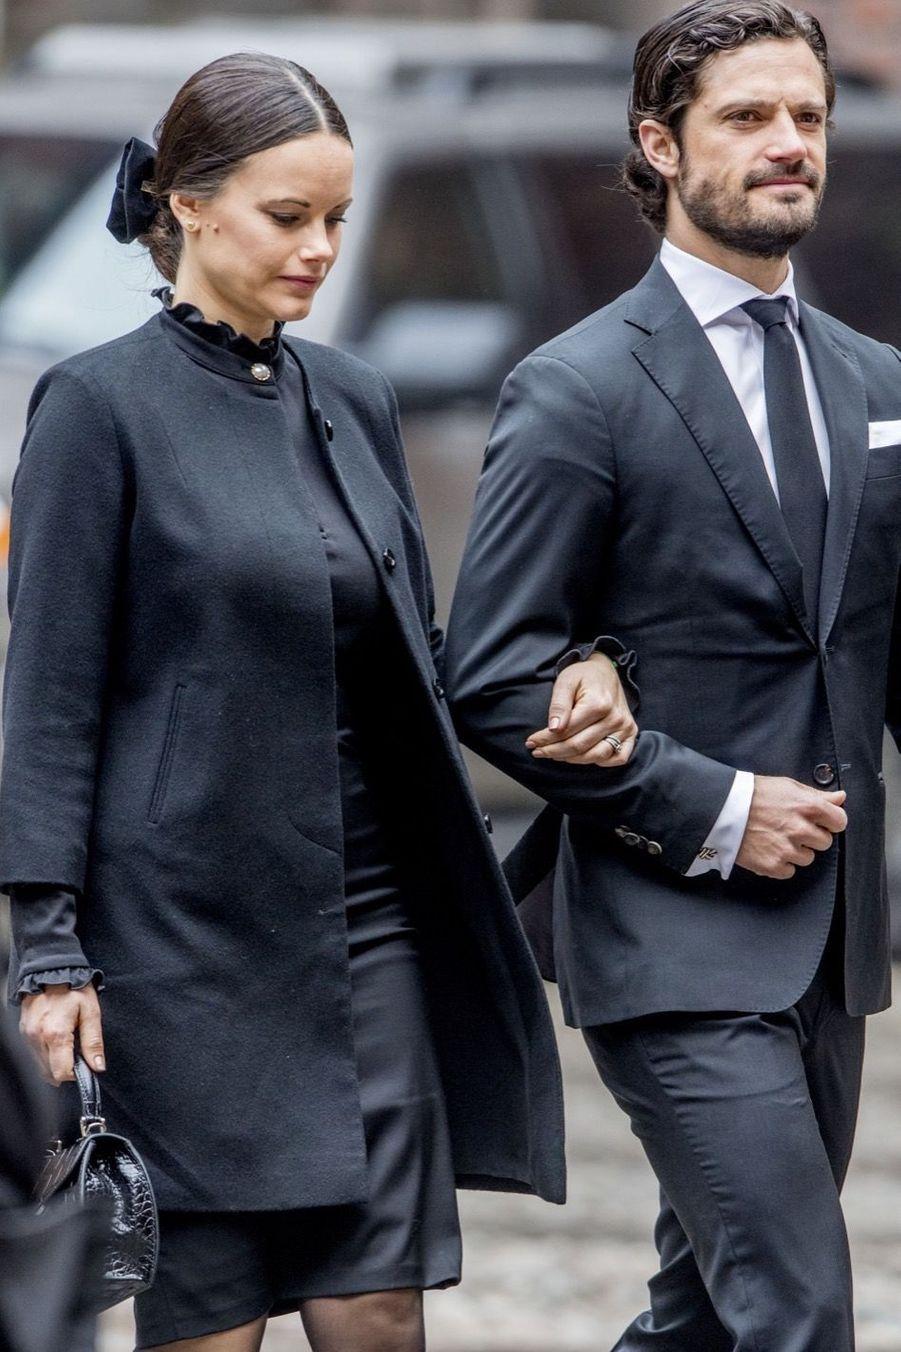 La Famille Royale De Suède Rend Hommage Aux Victimes De L'attentat De Stockholm 10